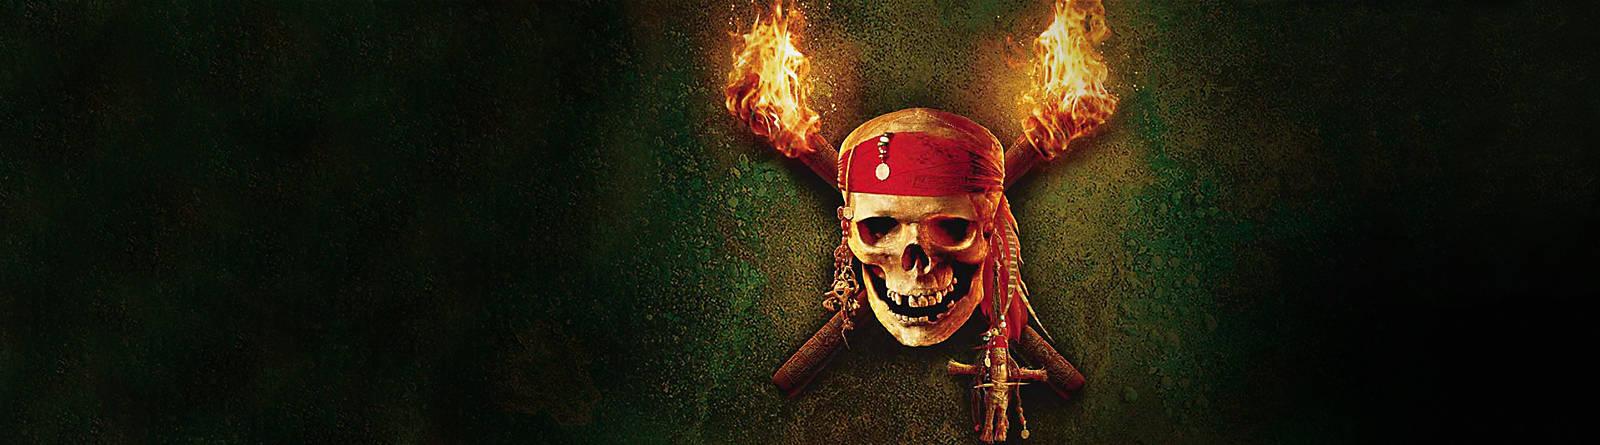 Pirates des Caraïbes Cap sur l'Amérique ! Embarquez sur le Black Pearl avec le célèbre Jack Sparrow, pour une aventure avec les Pirates des Caraïbes !